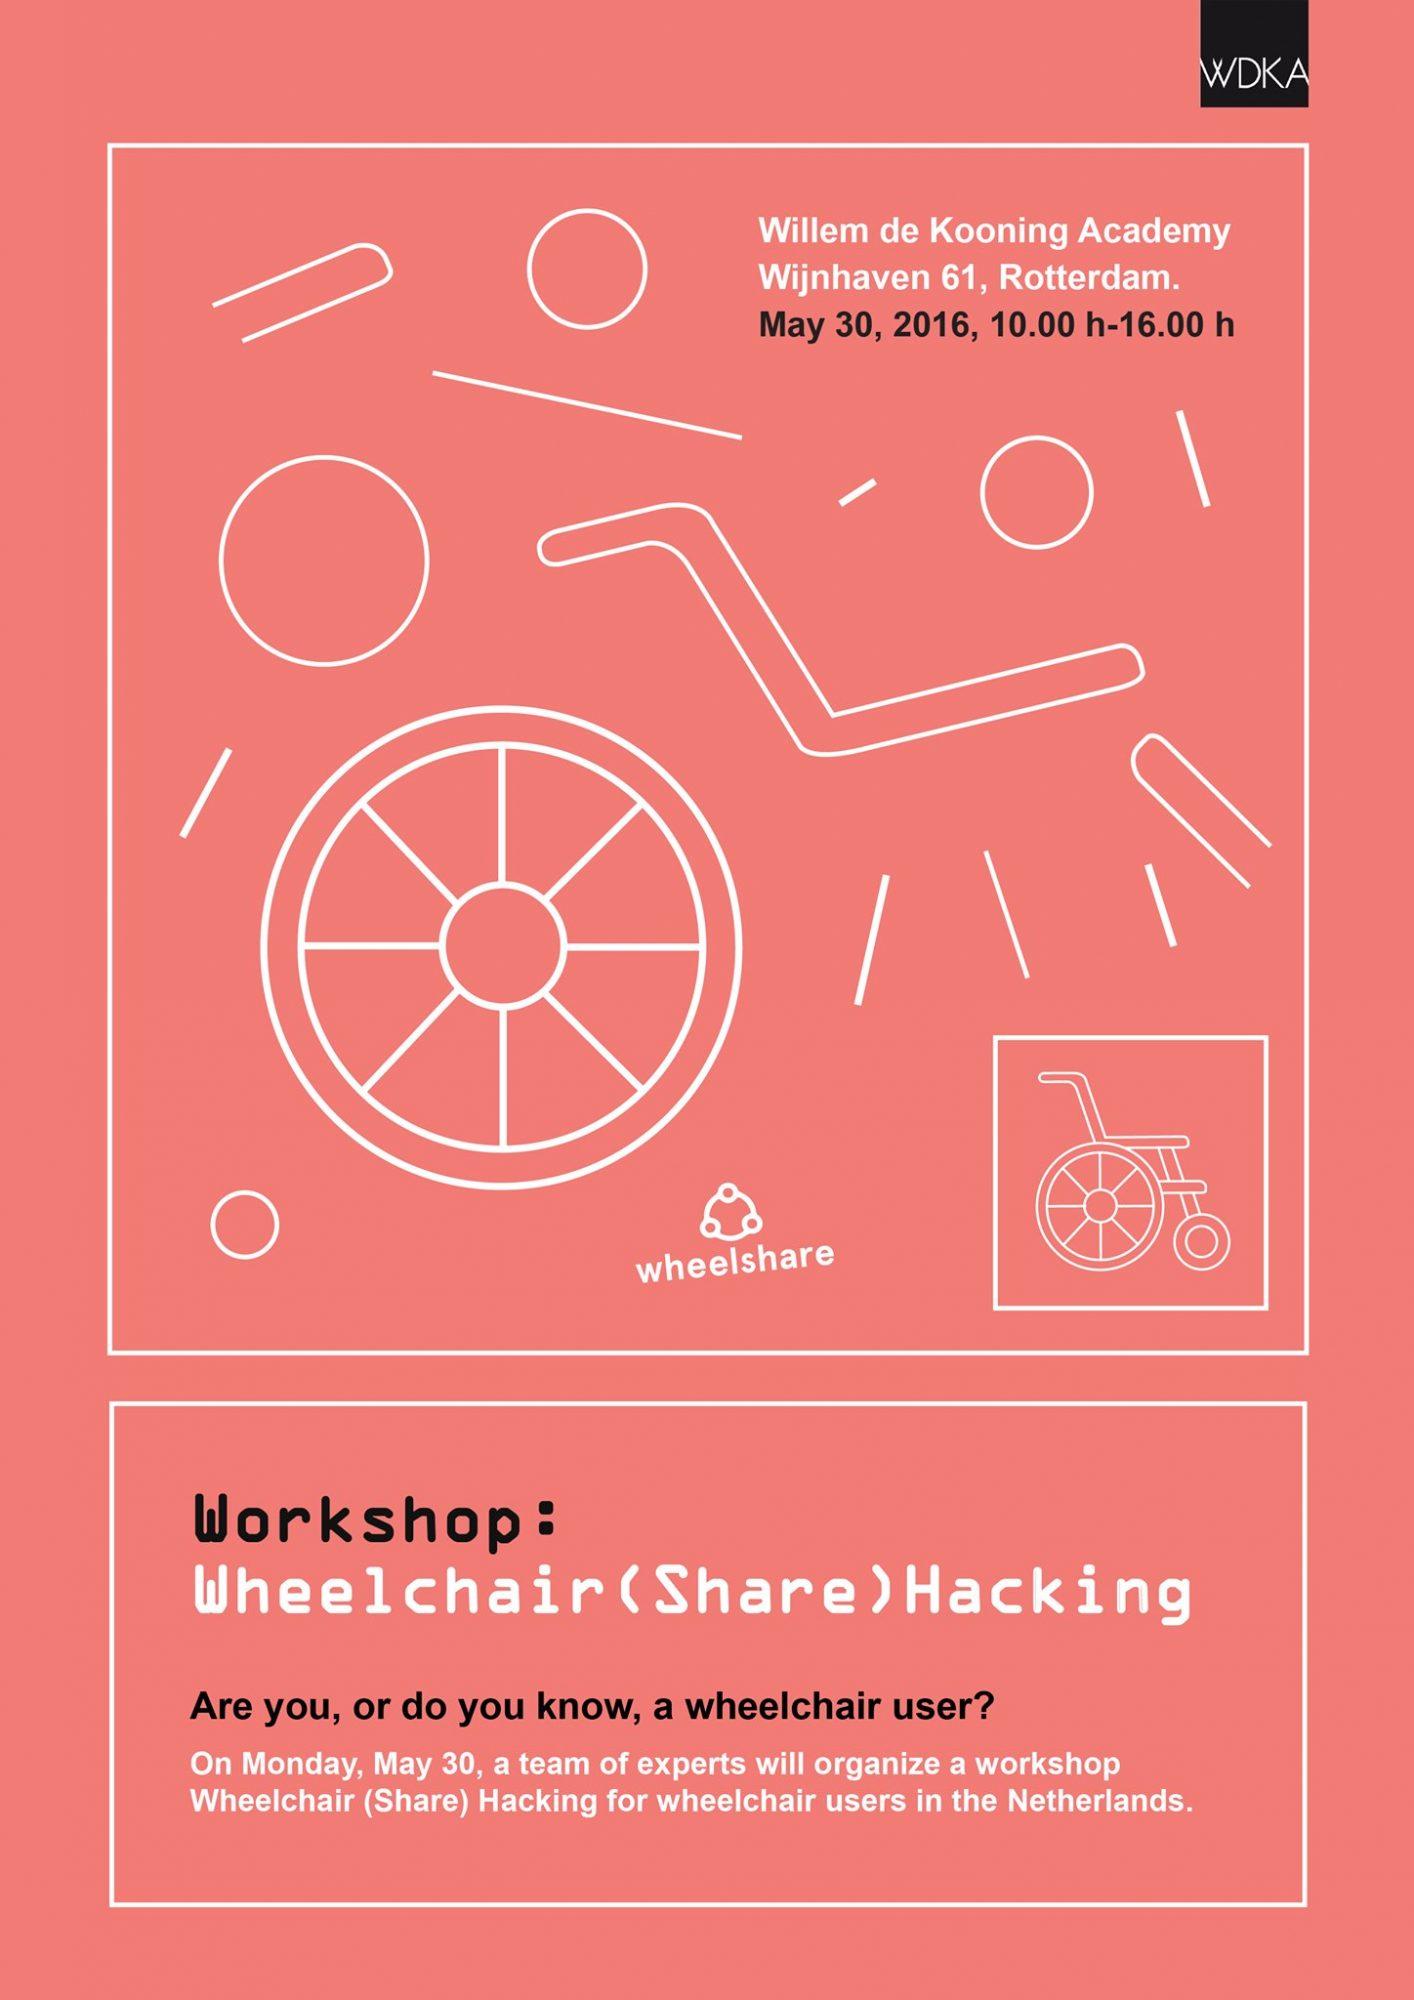 Workshop: Wheelchair (Share) Hacking